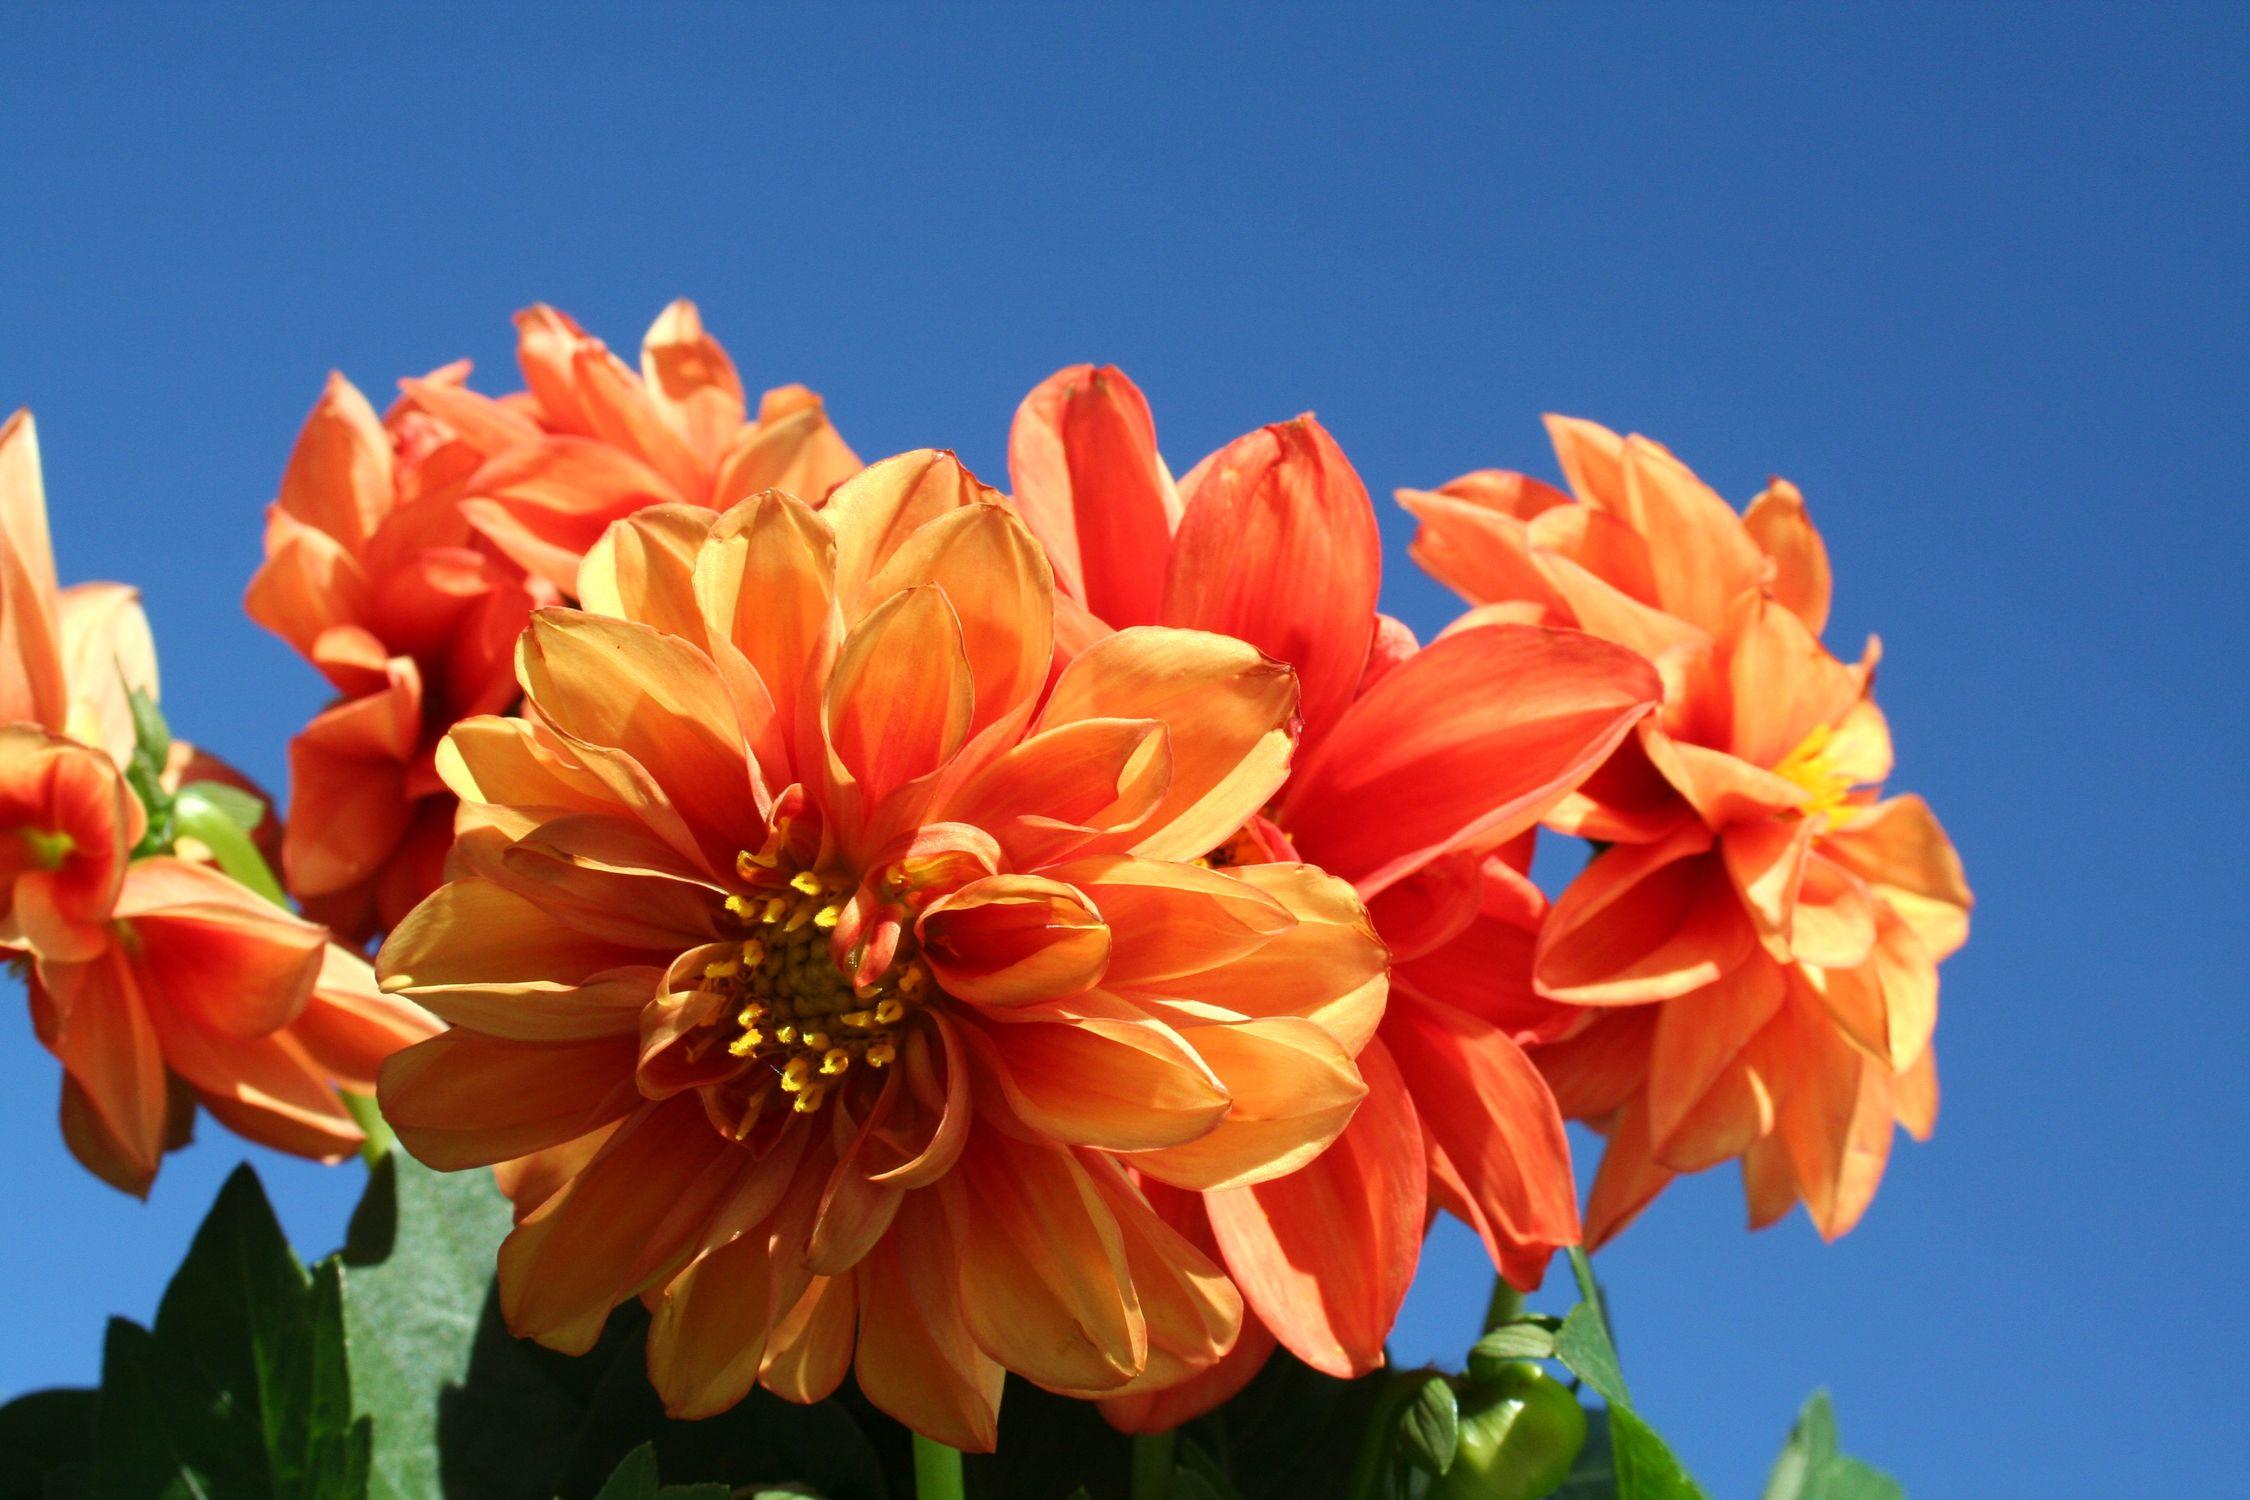 Bild mit Natur, Pflanzen, Himmel, Früchte, Blumen, Pfirsiche, Korbblütler, Dahlien, Blume, Pflanze